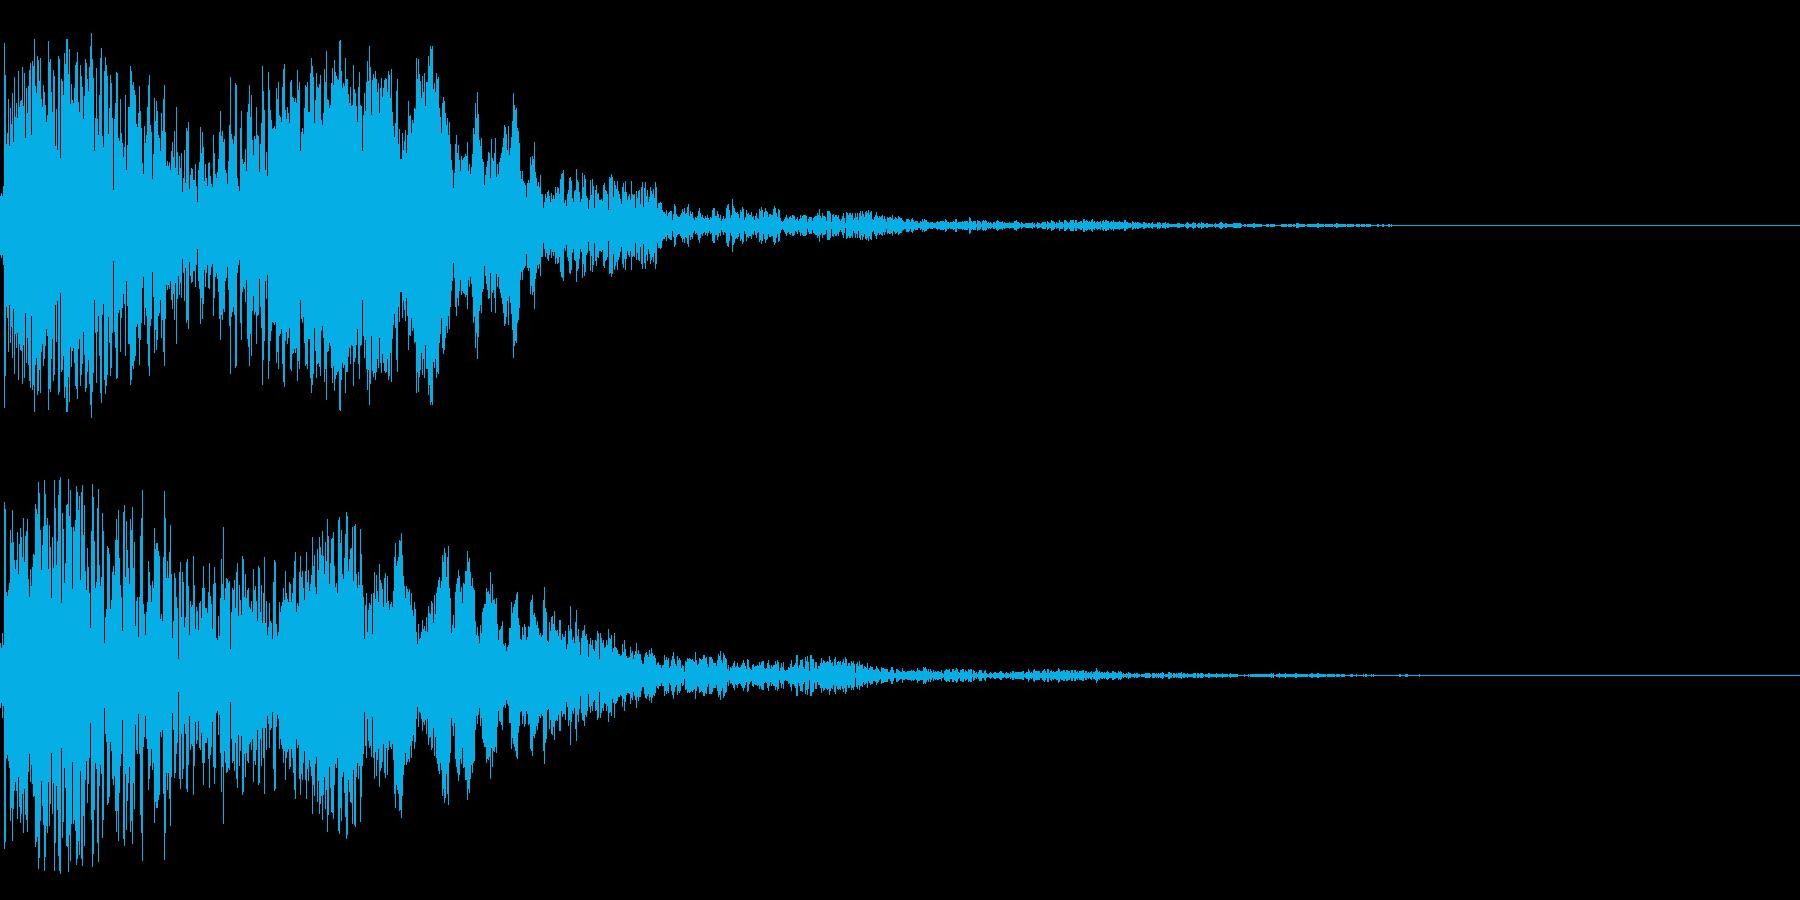 太鼓と尺八の和風インパクトジングル!10の再生済みの波形